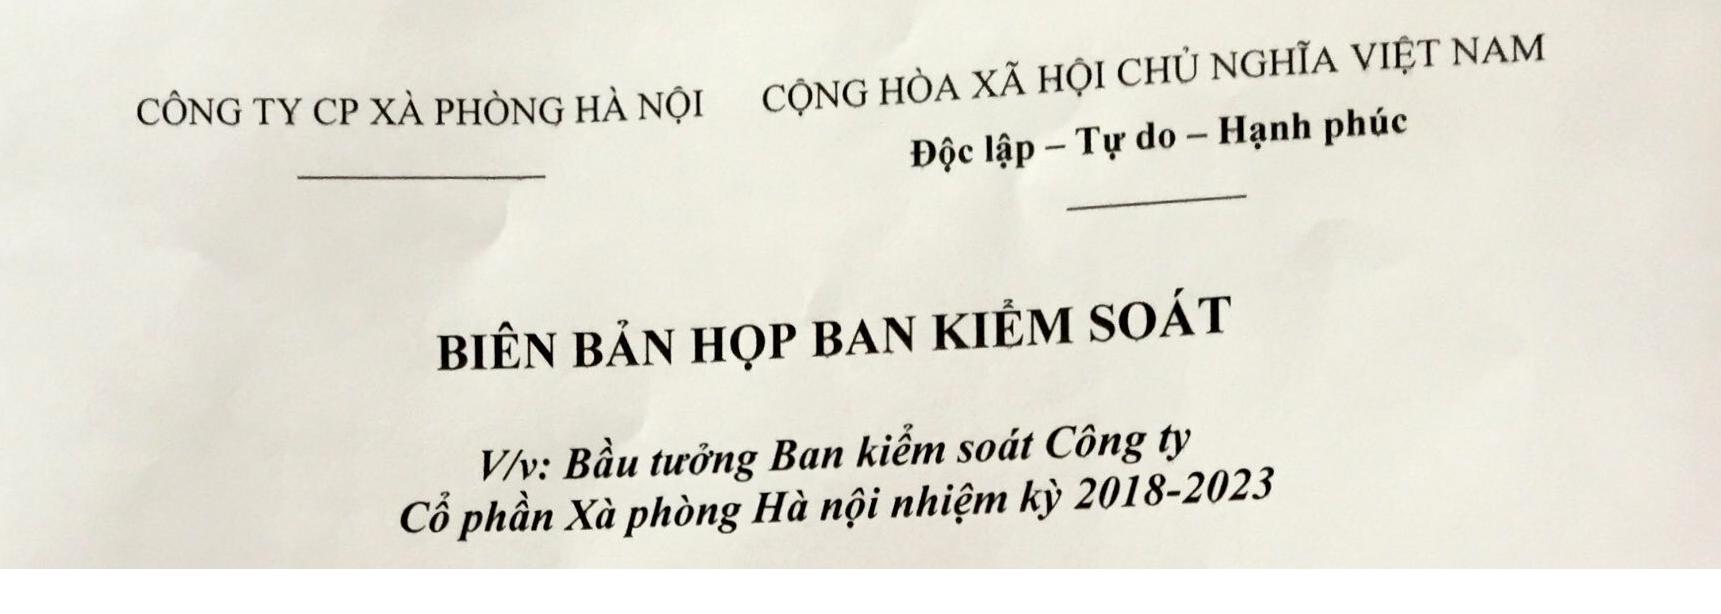 Biên bản họp Ban kiểm soát về việc bầu trưởng ban kiểm soát nhiệm kỳ 2018-2023